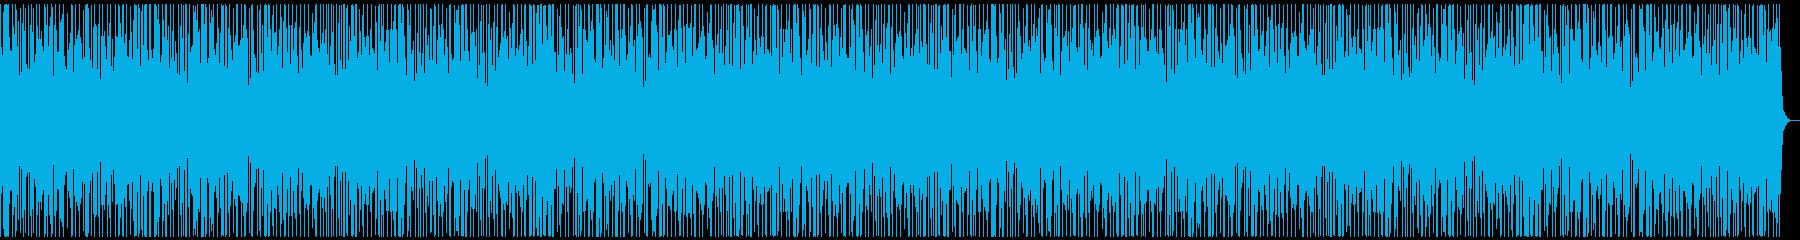 賽銭泥棒の犯行再現VTR、10分の再生済みの波形